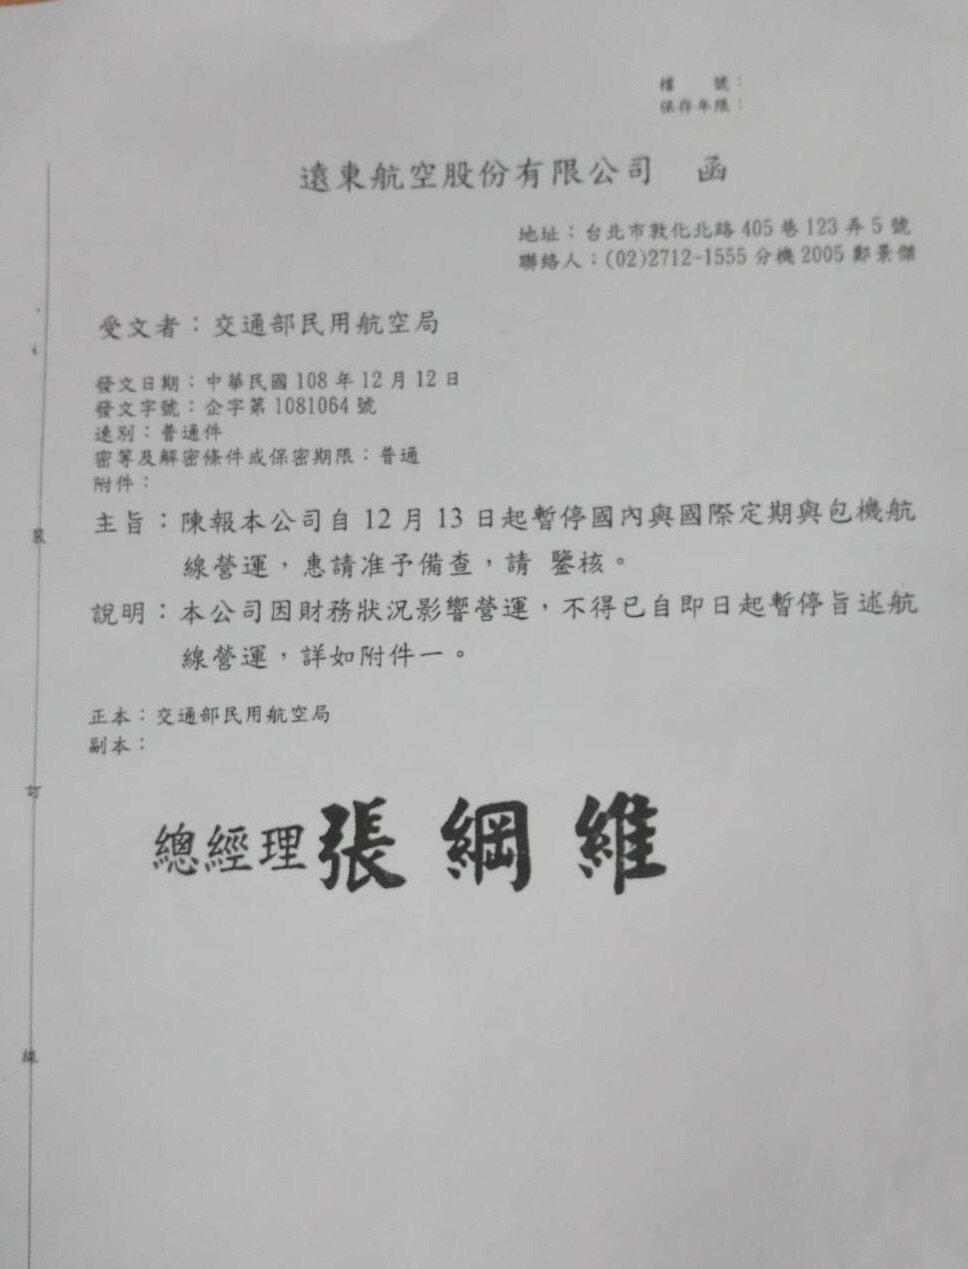 遠航昨天發給民航局公文,載明12月13日「暫停國內及國際定期與包機航線營運」,下...